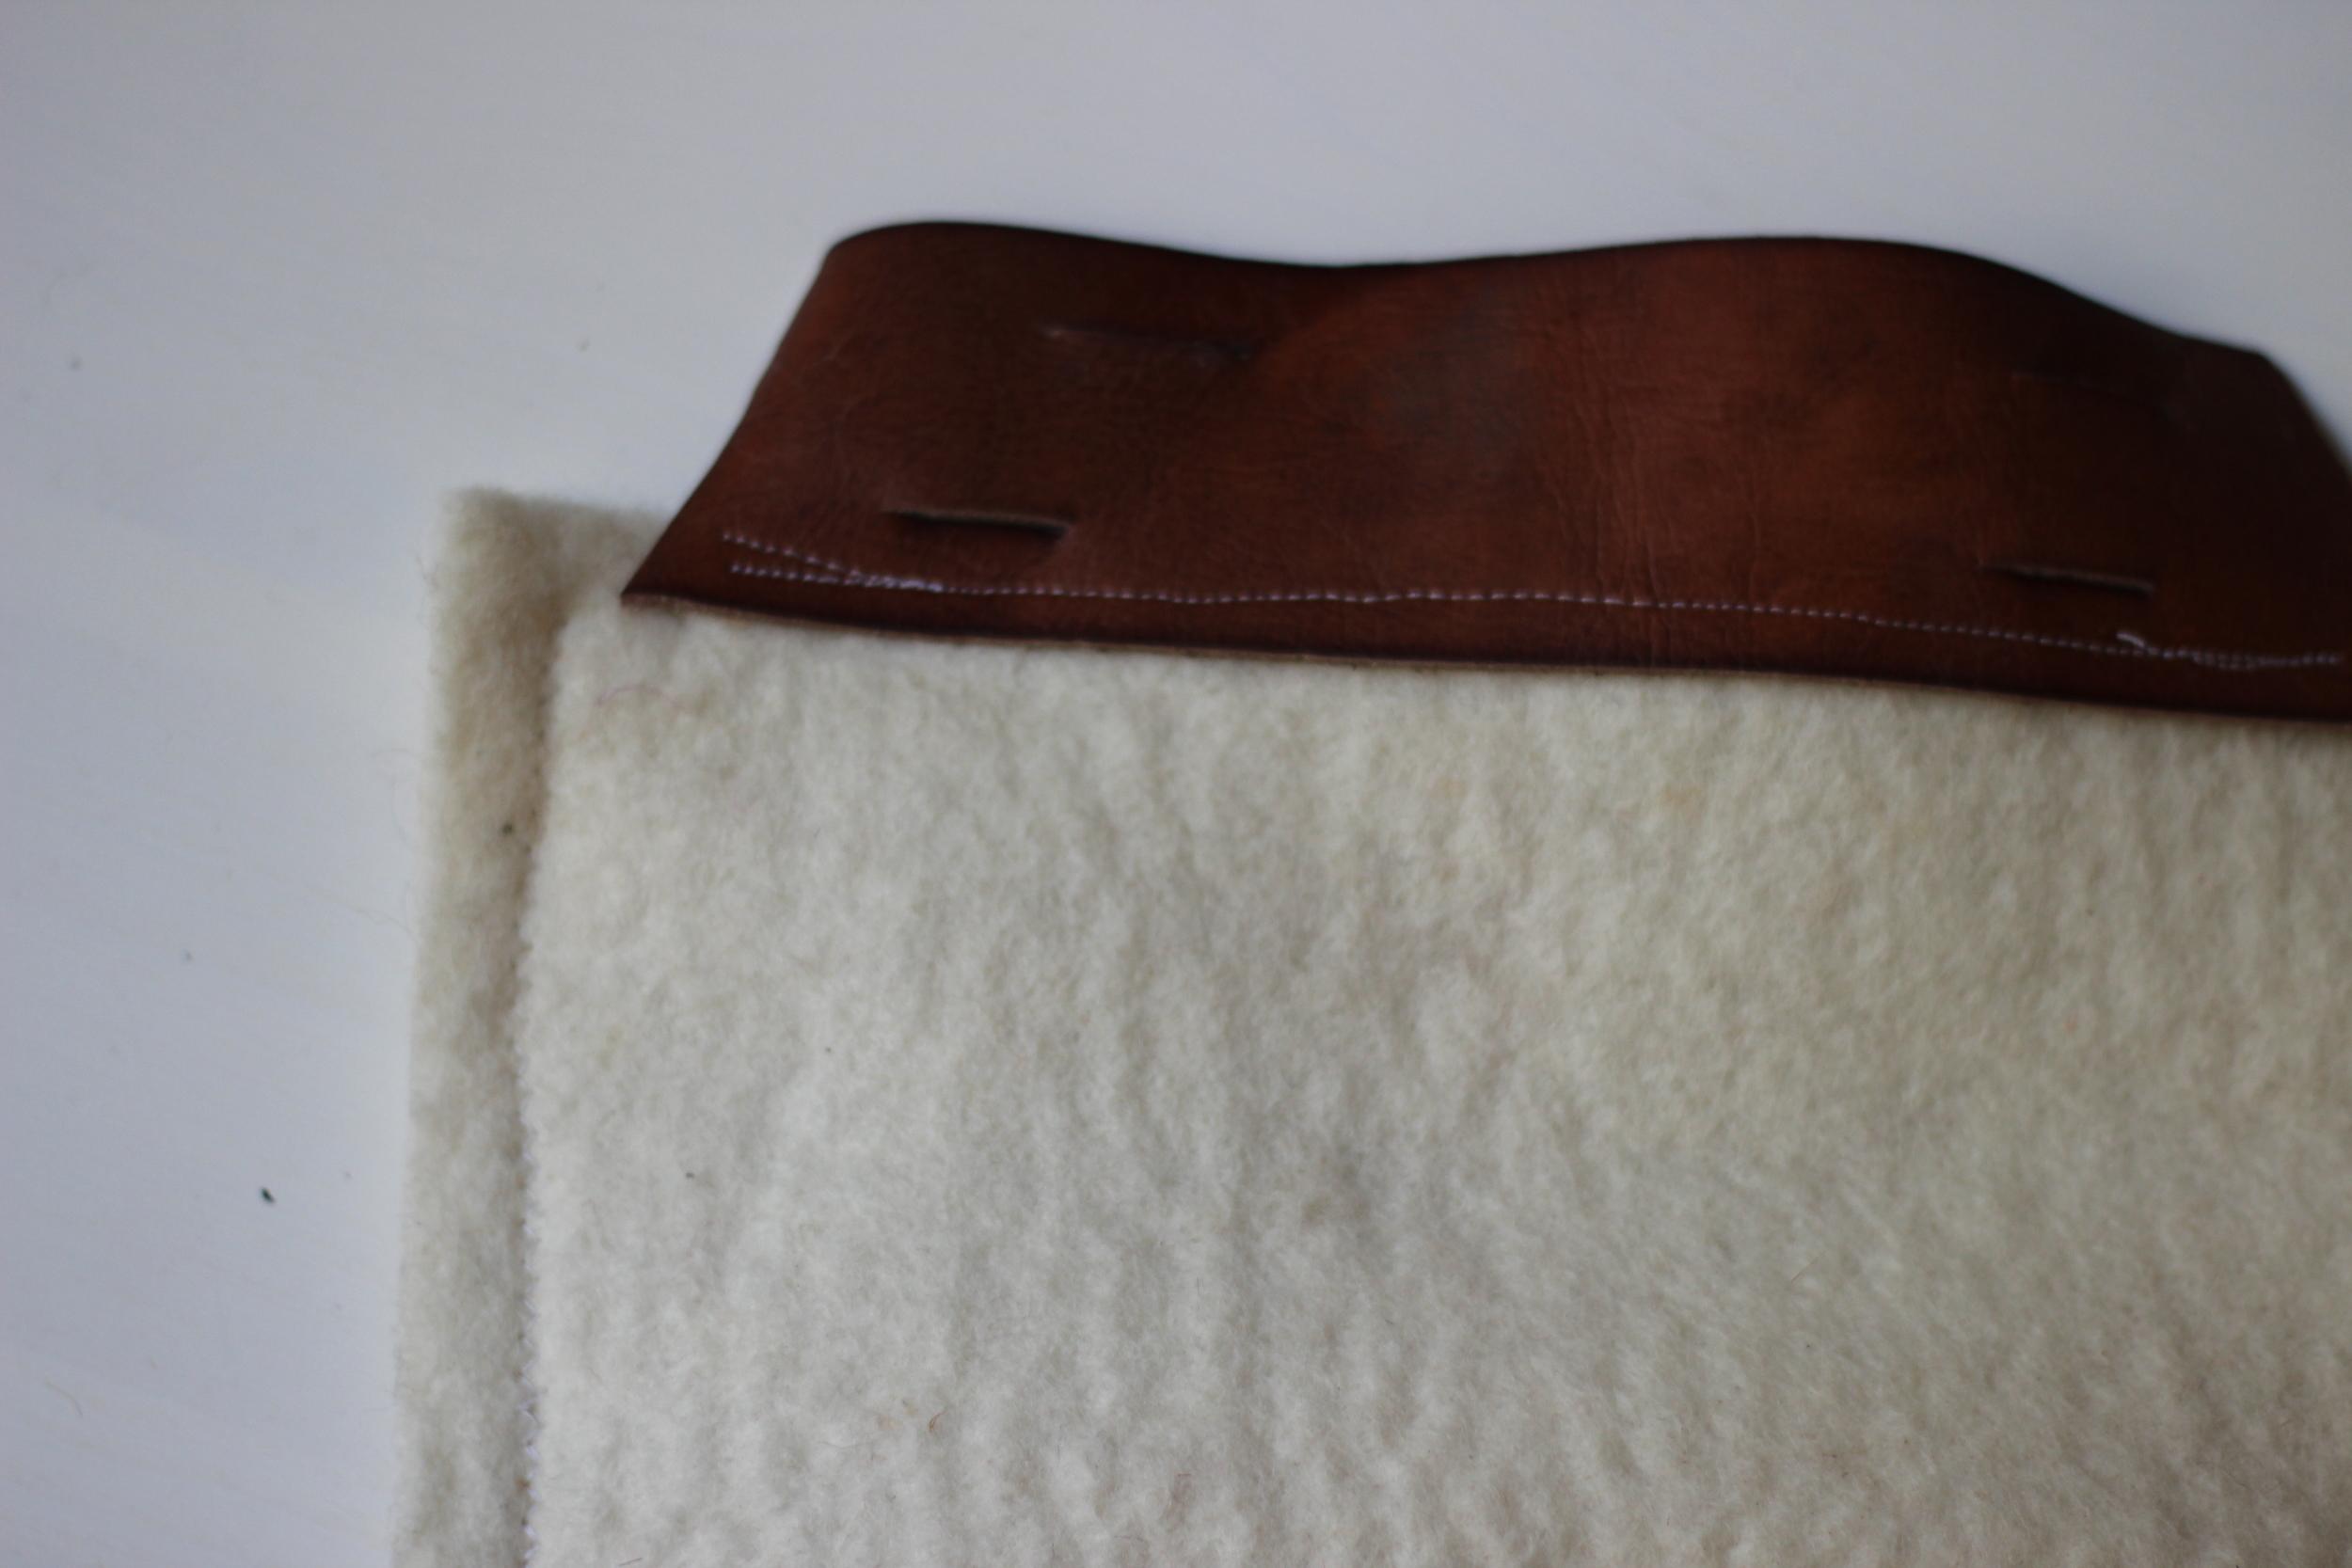 tablet case 5